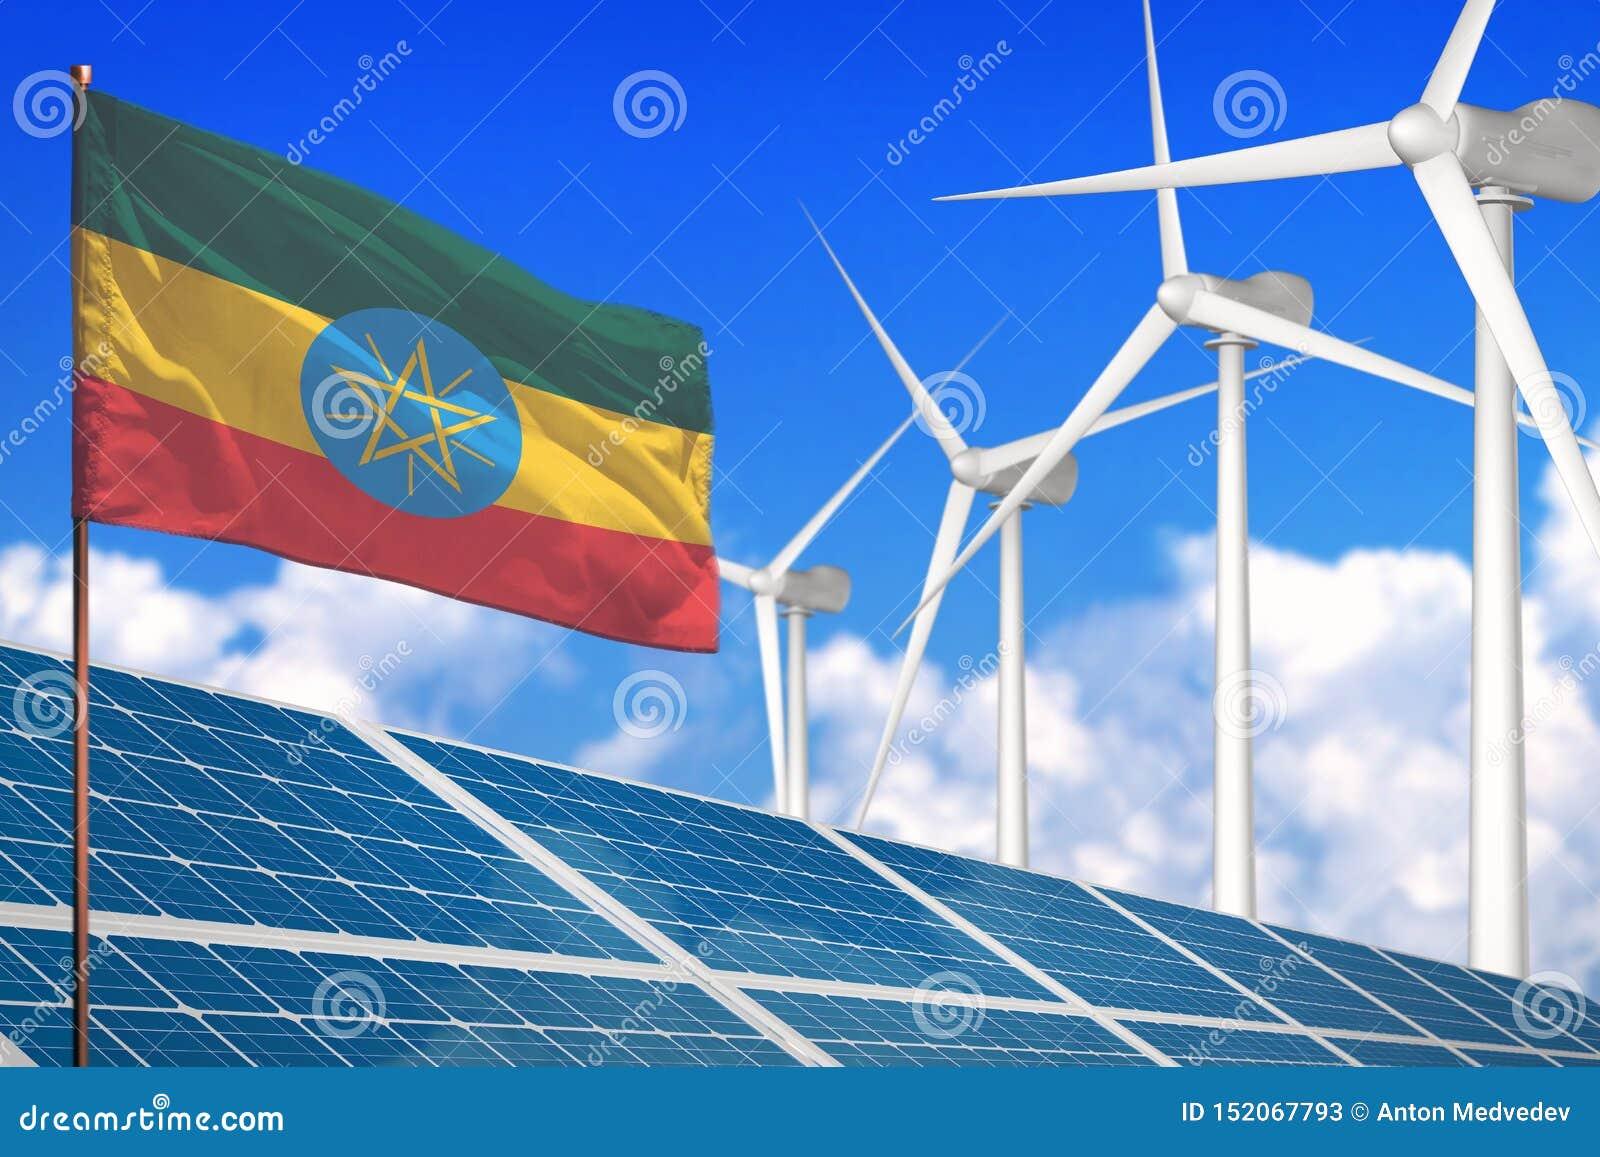 Ethiopië zonne en windenergie, duurzame energieconcept met zonnepanelen - duurzame energie tegen het globale industrieel verwarme